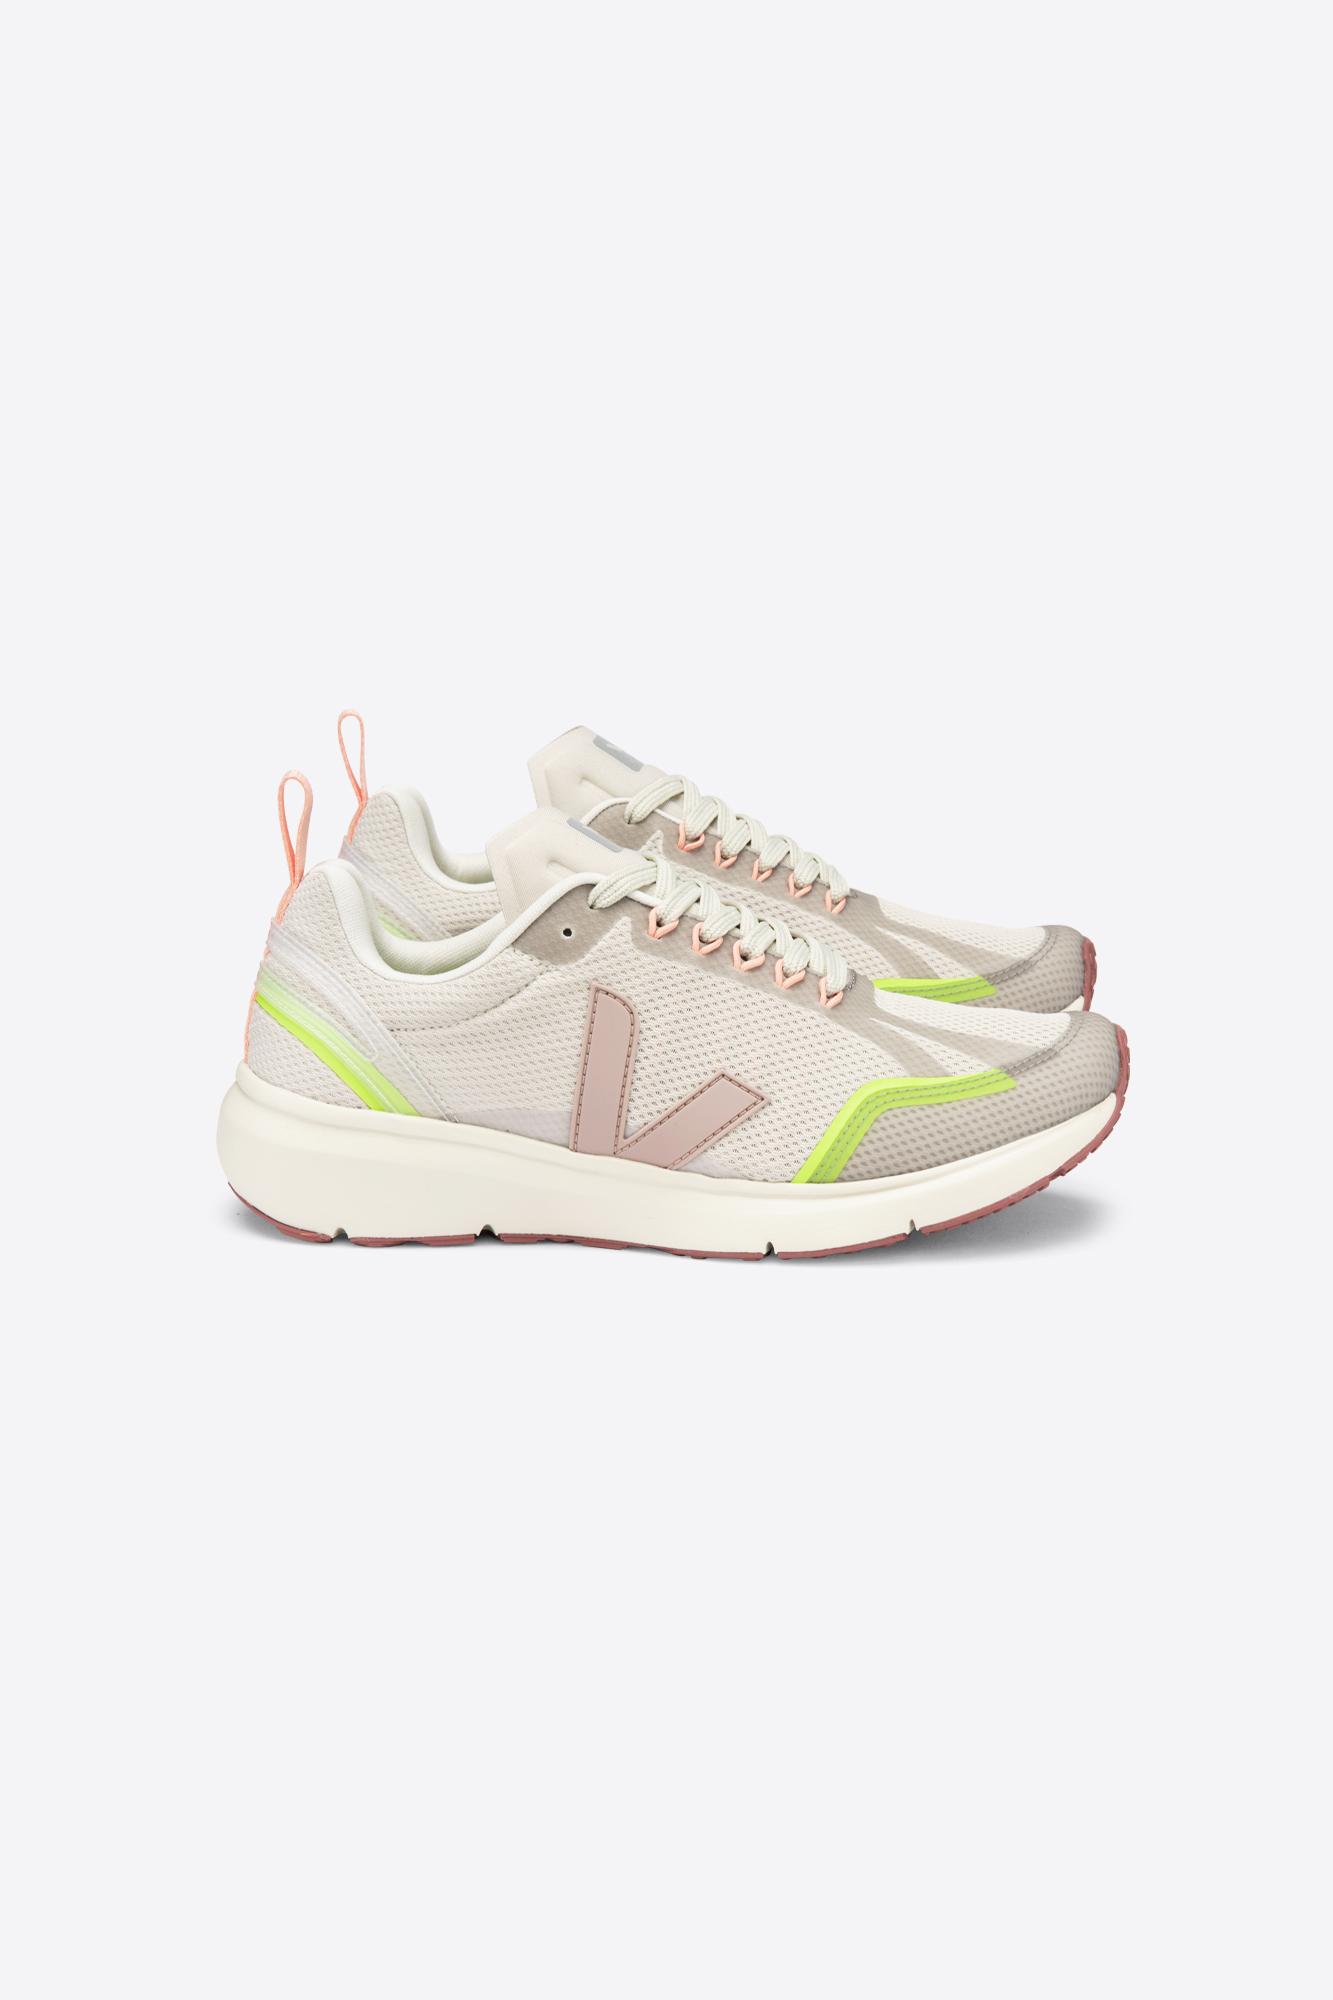 Condor 2 Alveomesh Sneaker